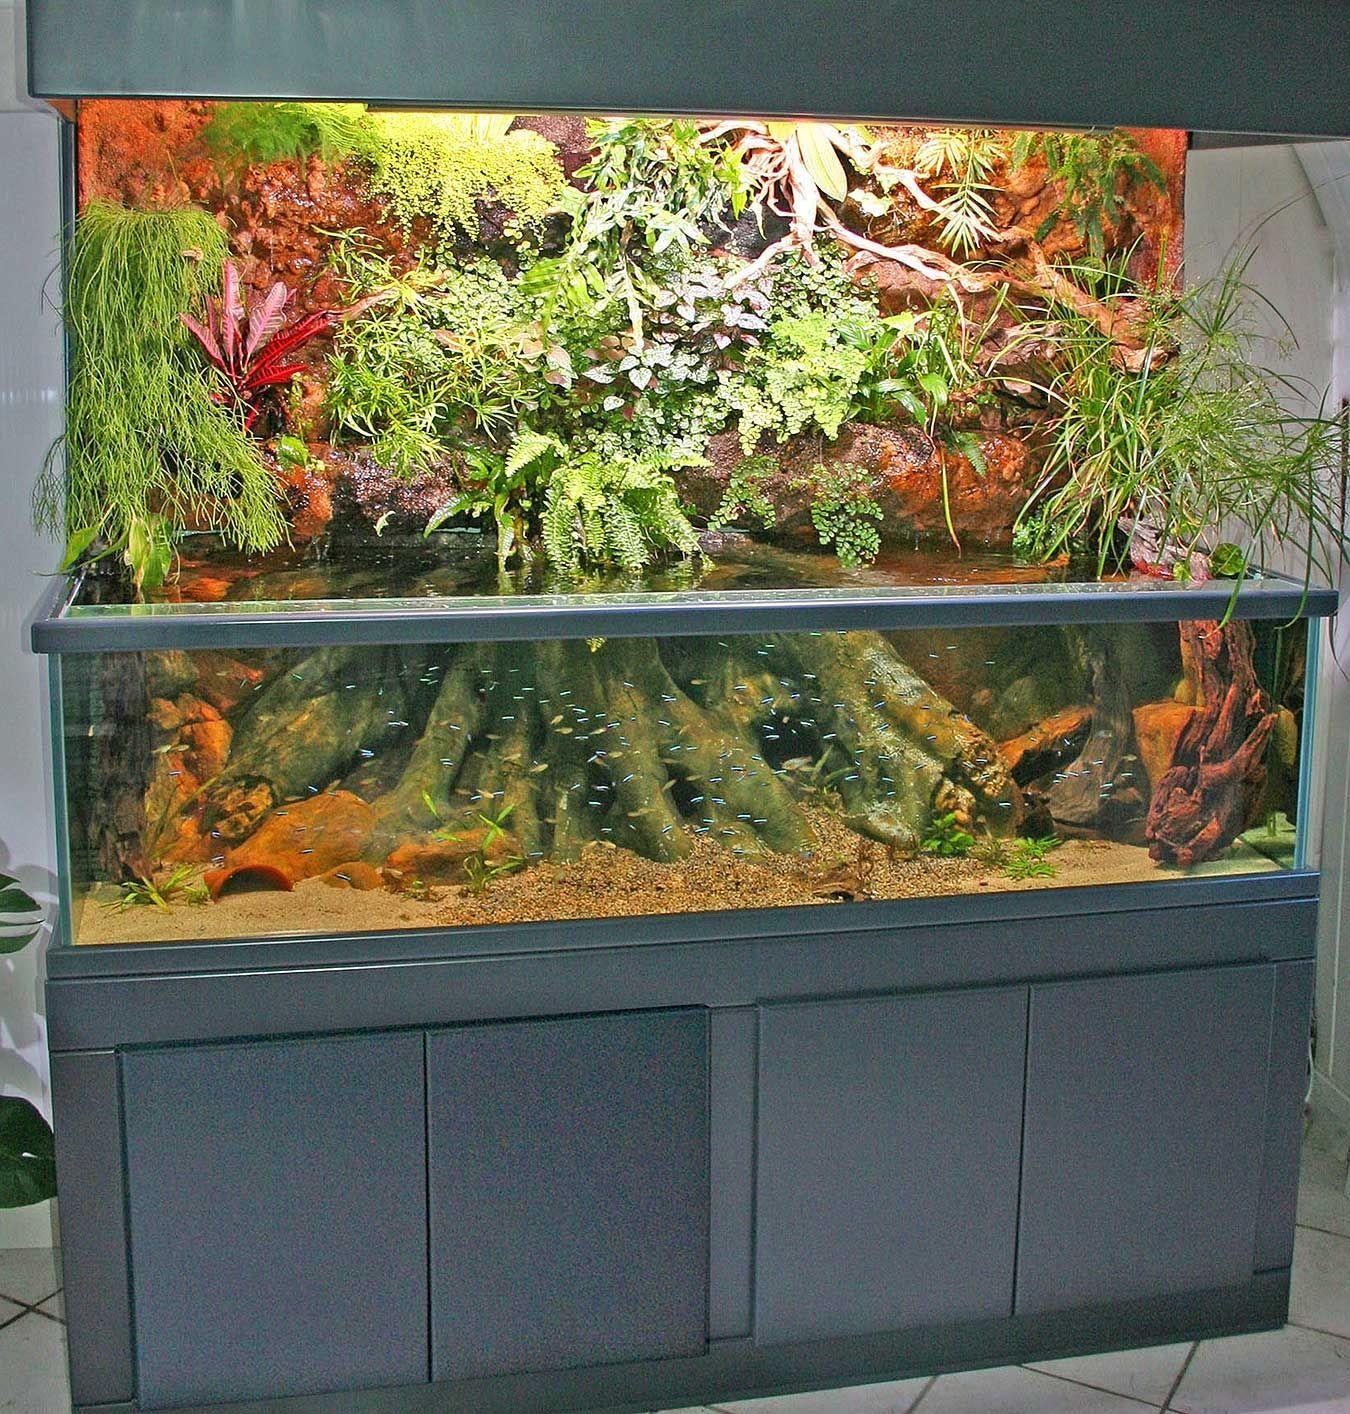 Mur Vegetal Plante Grasse mur-vegetal-pour-aquariums-82762-2187357 (1350×1414